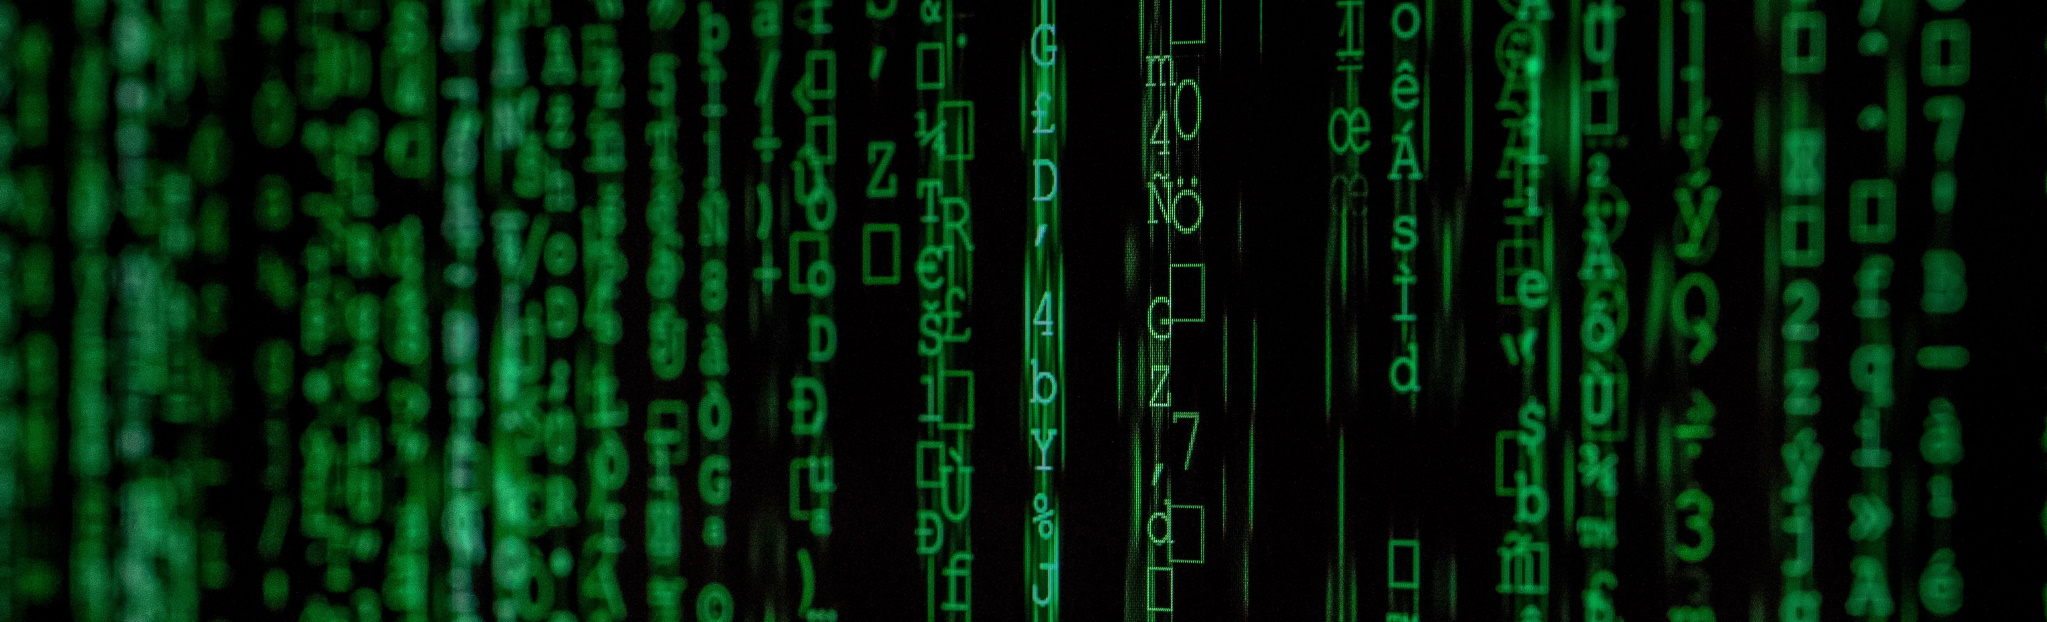 ITservices security - RADAR